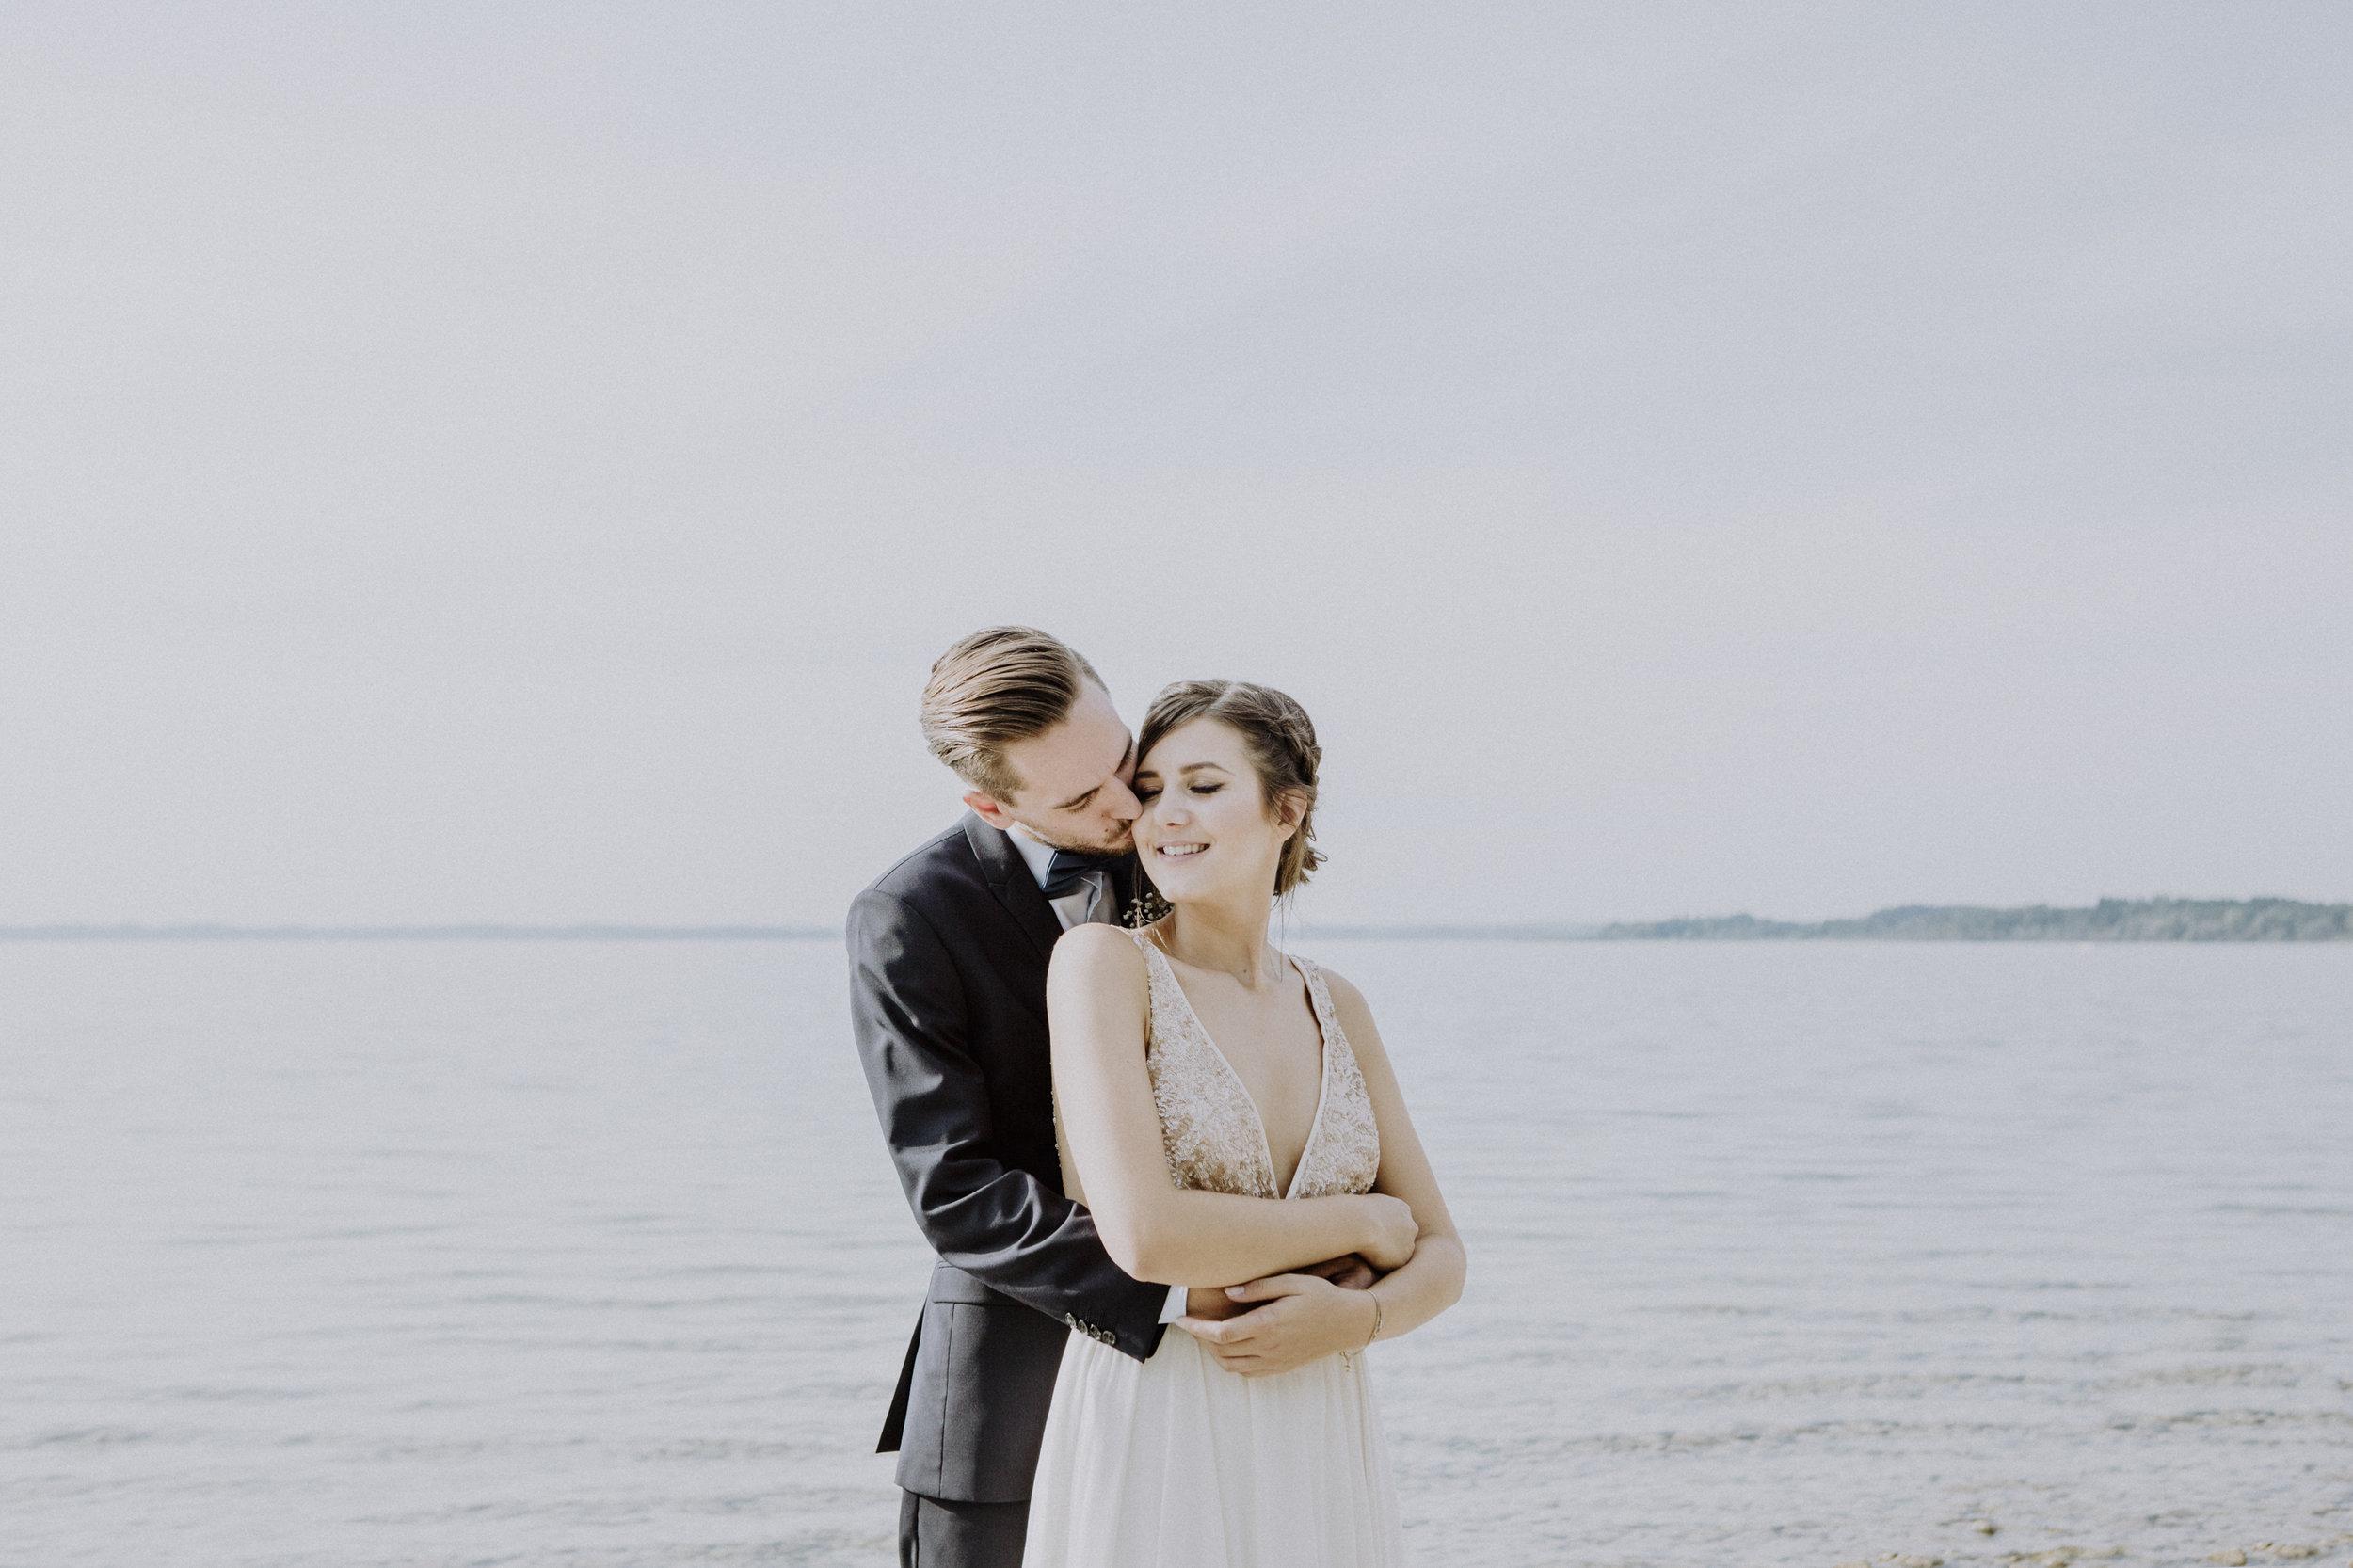 ohella_chiemsee_wedding-9.jpg